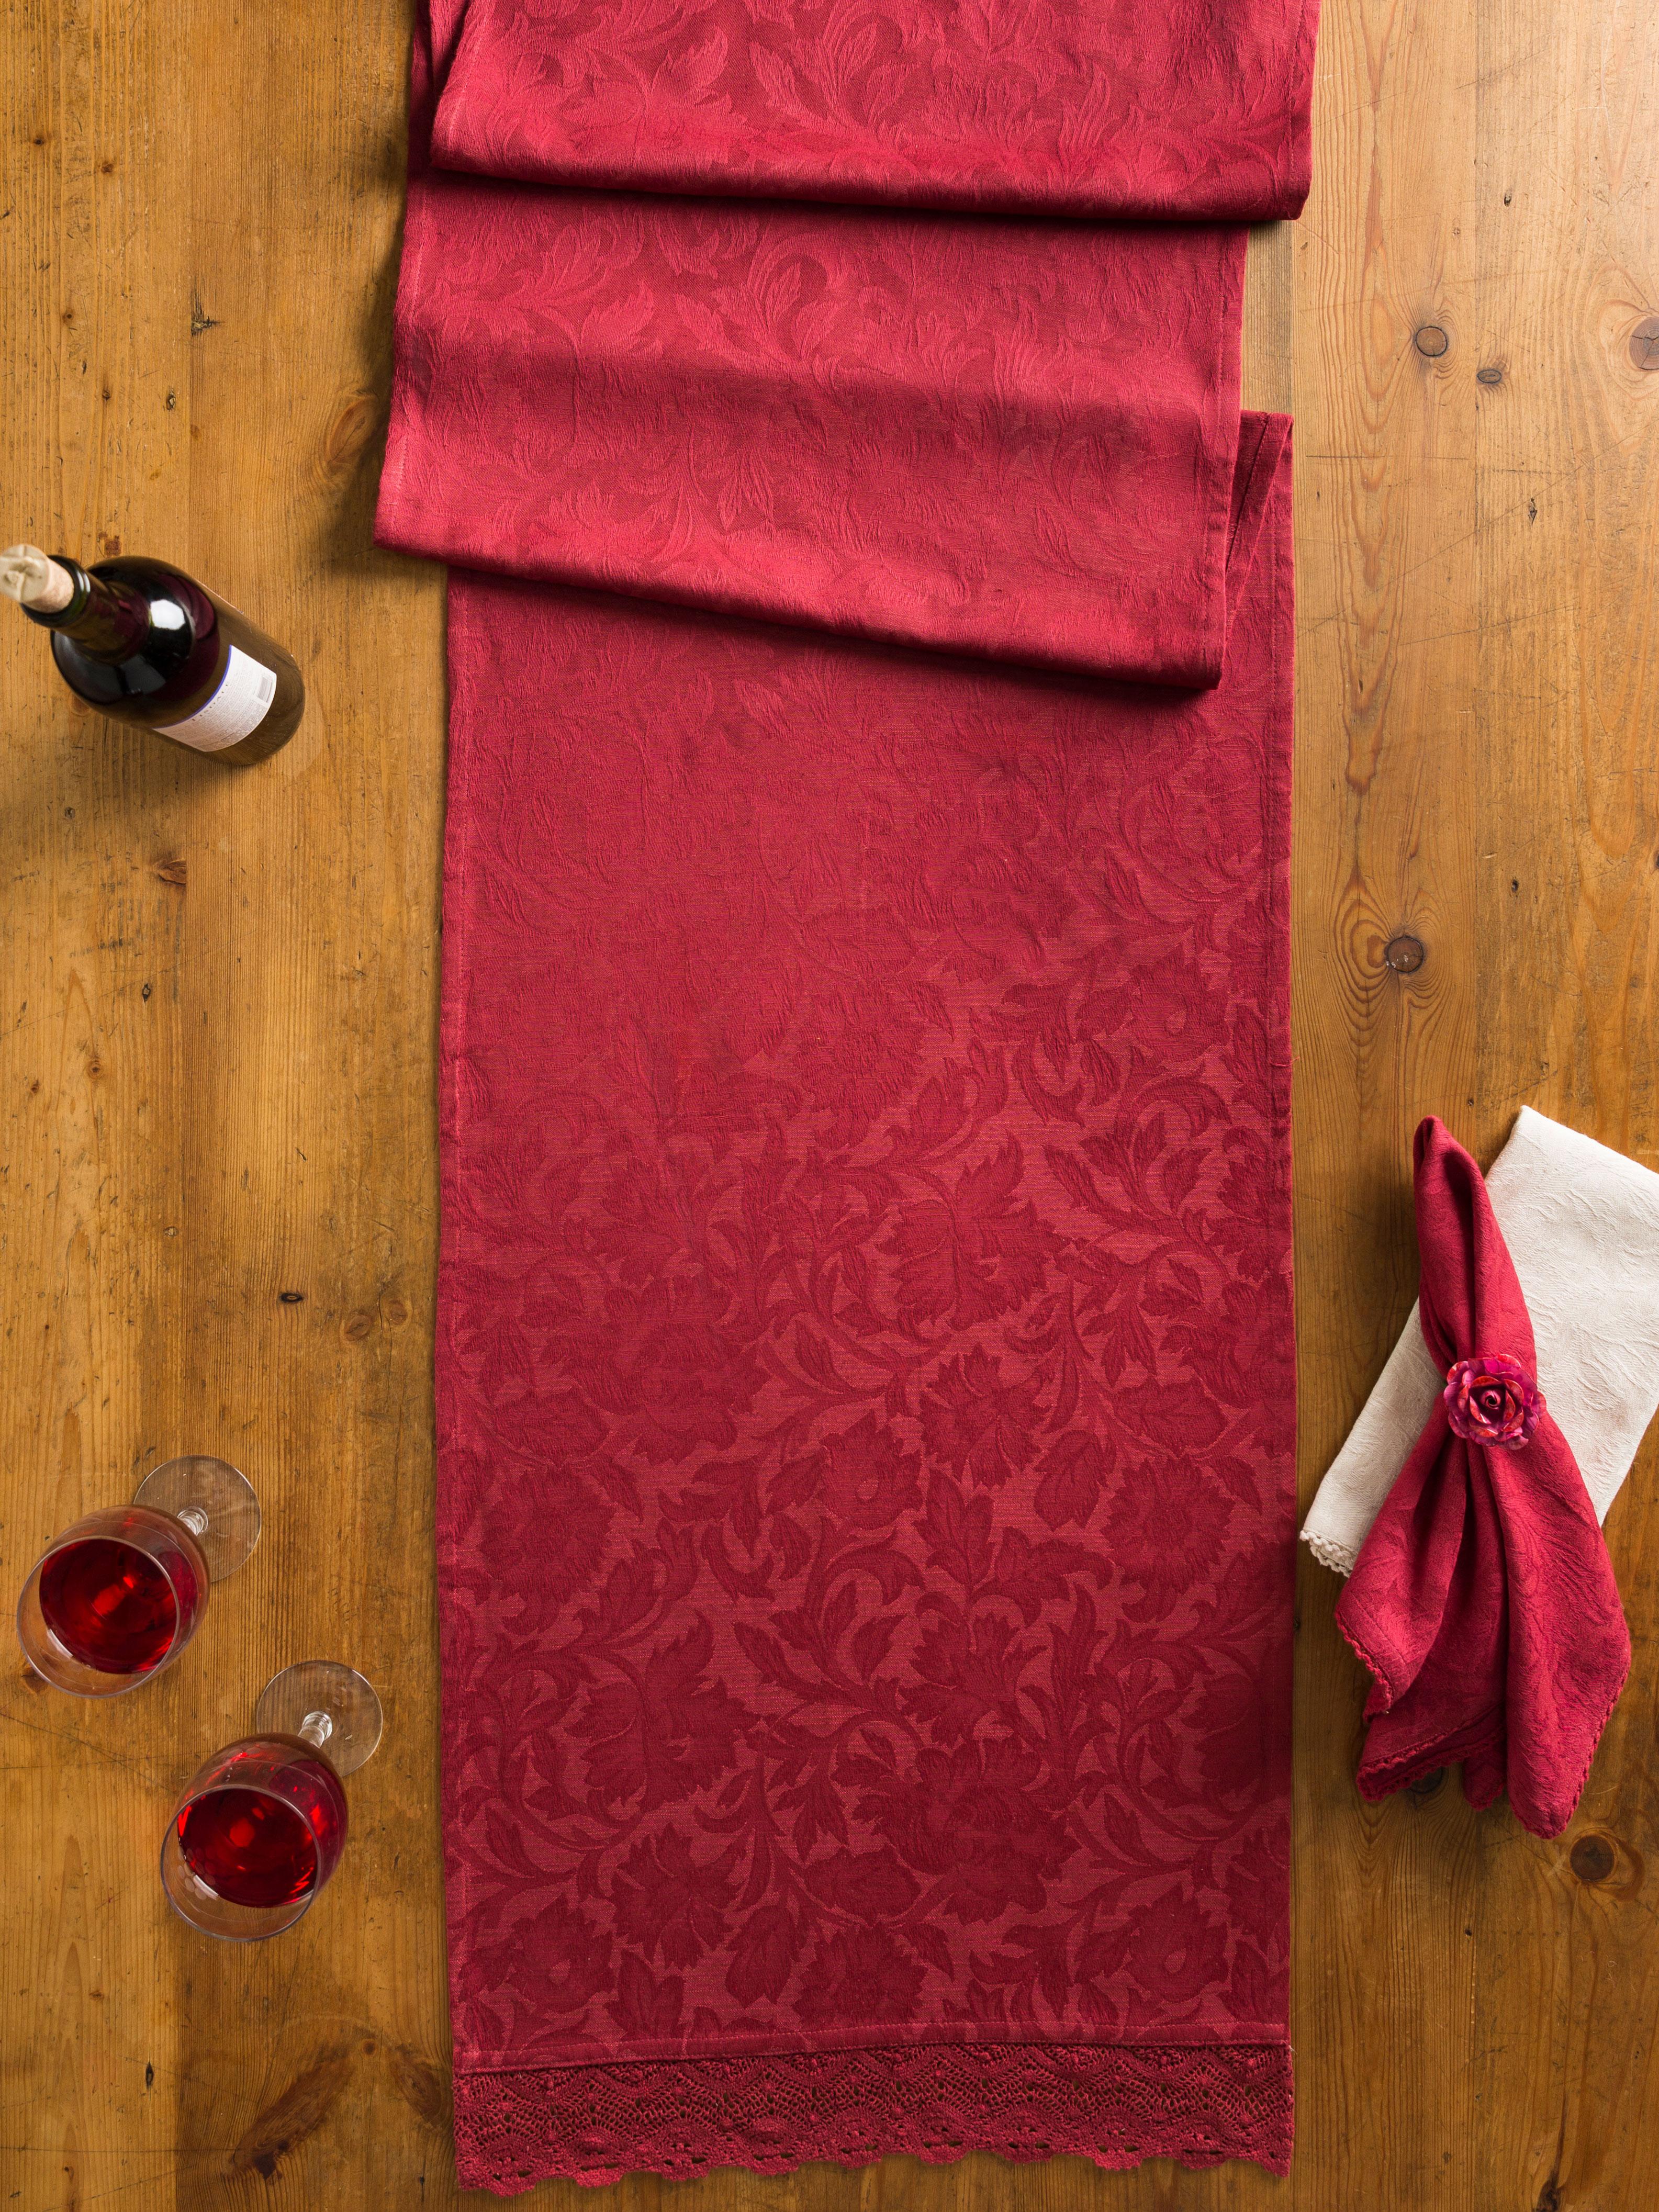 Luxurious Linen Jacquard Runner - Cranberry